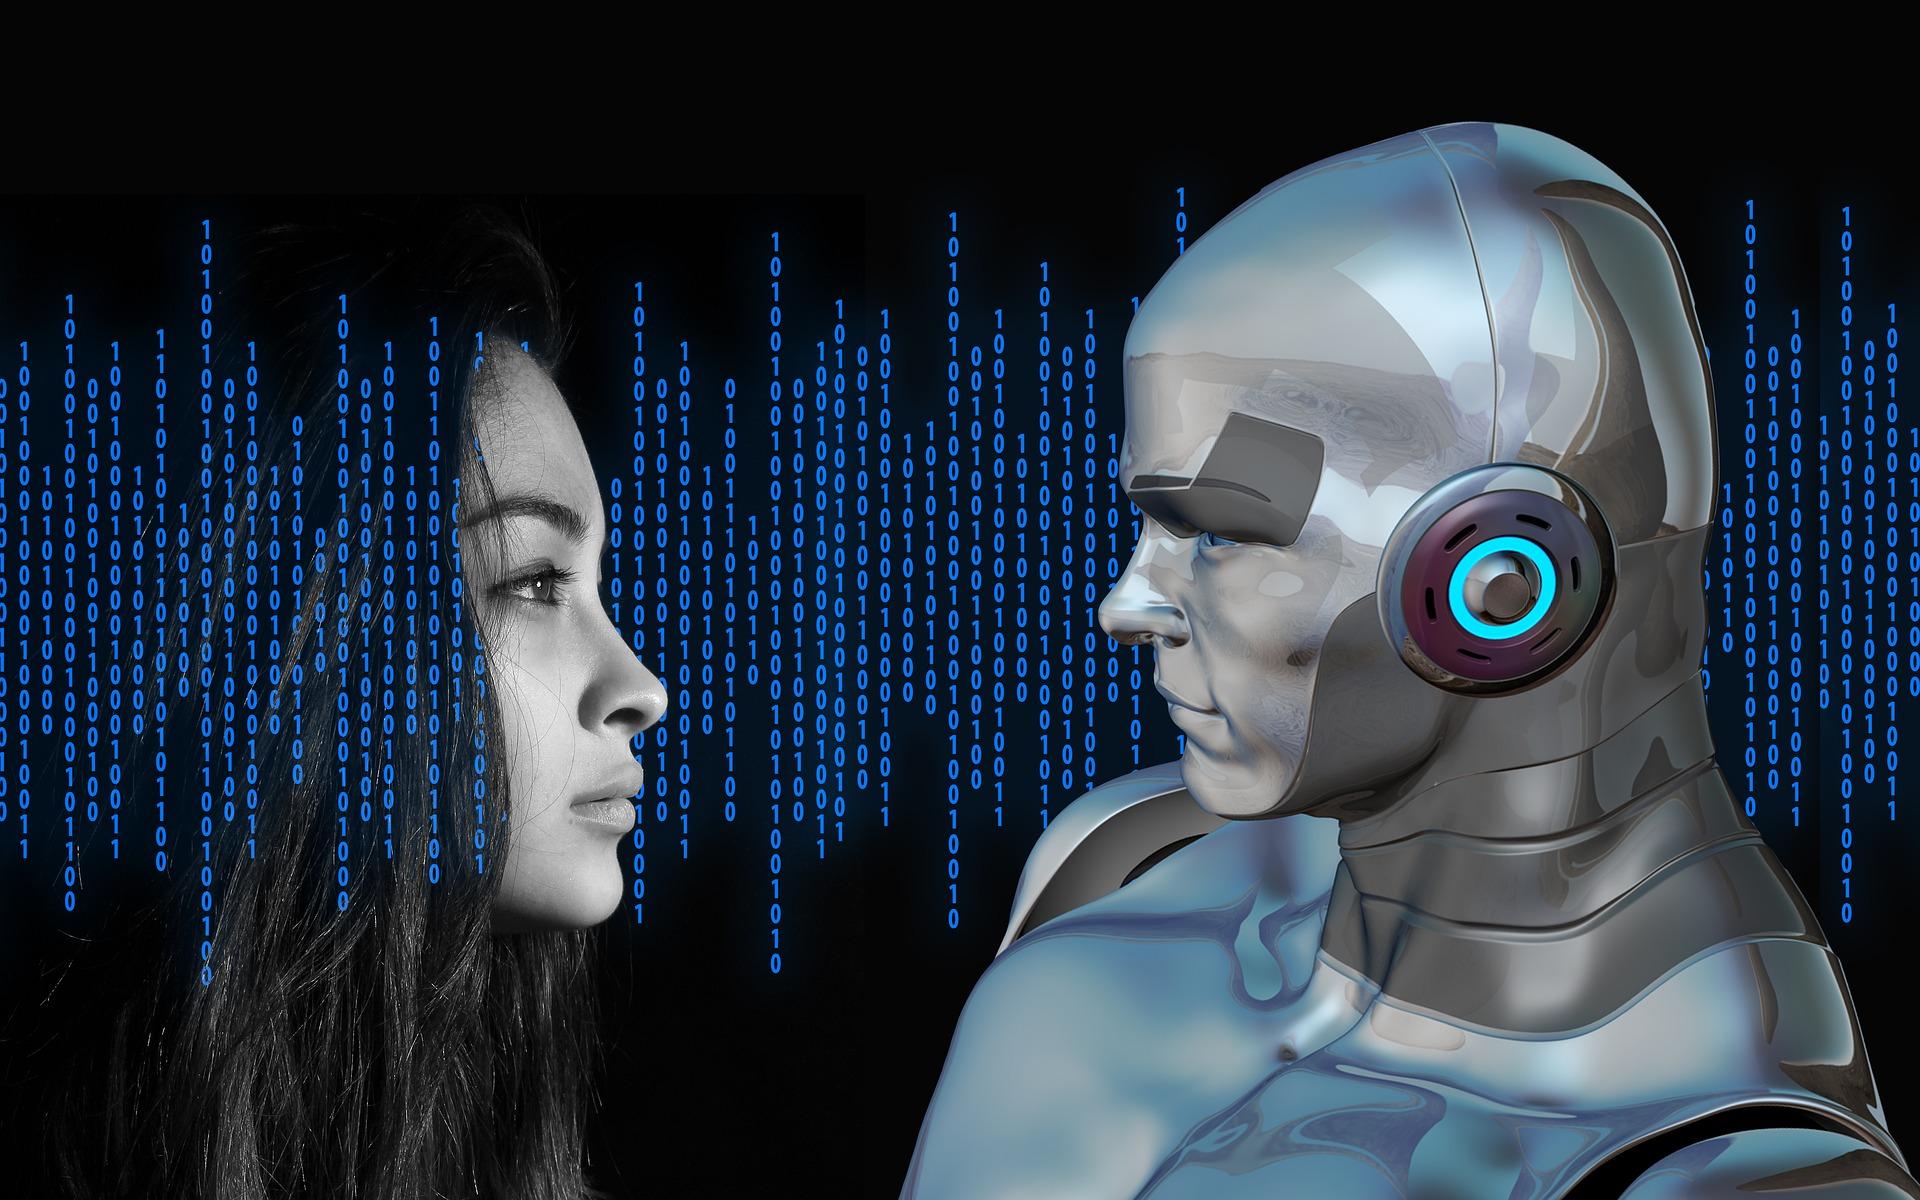 Wie wird er sein – unser zukünftiger Alltag mit KI, Robotern, Drohnen?